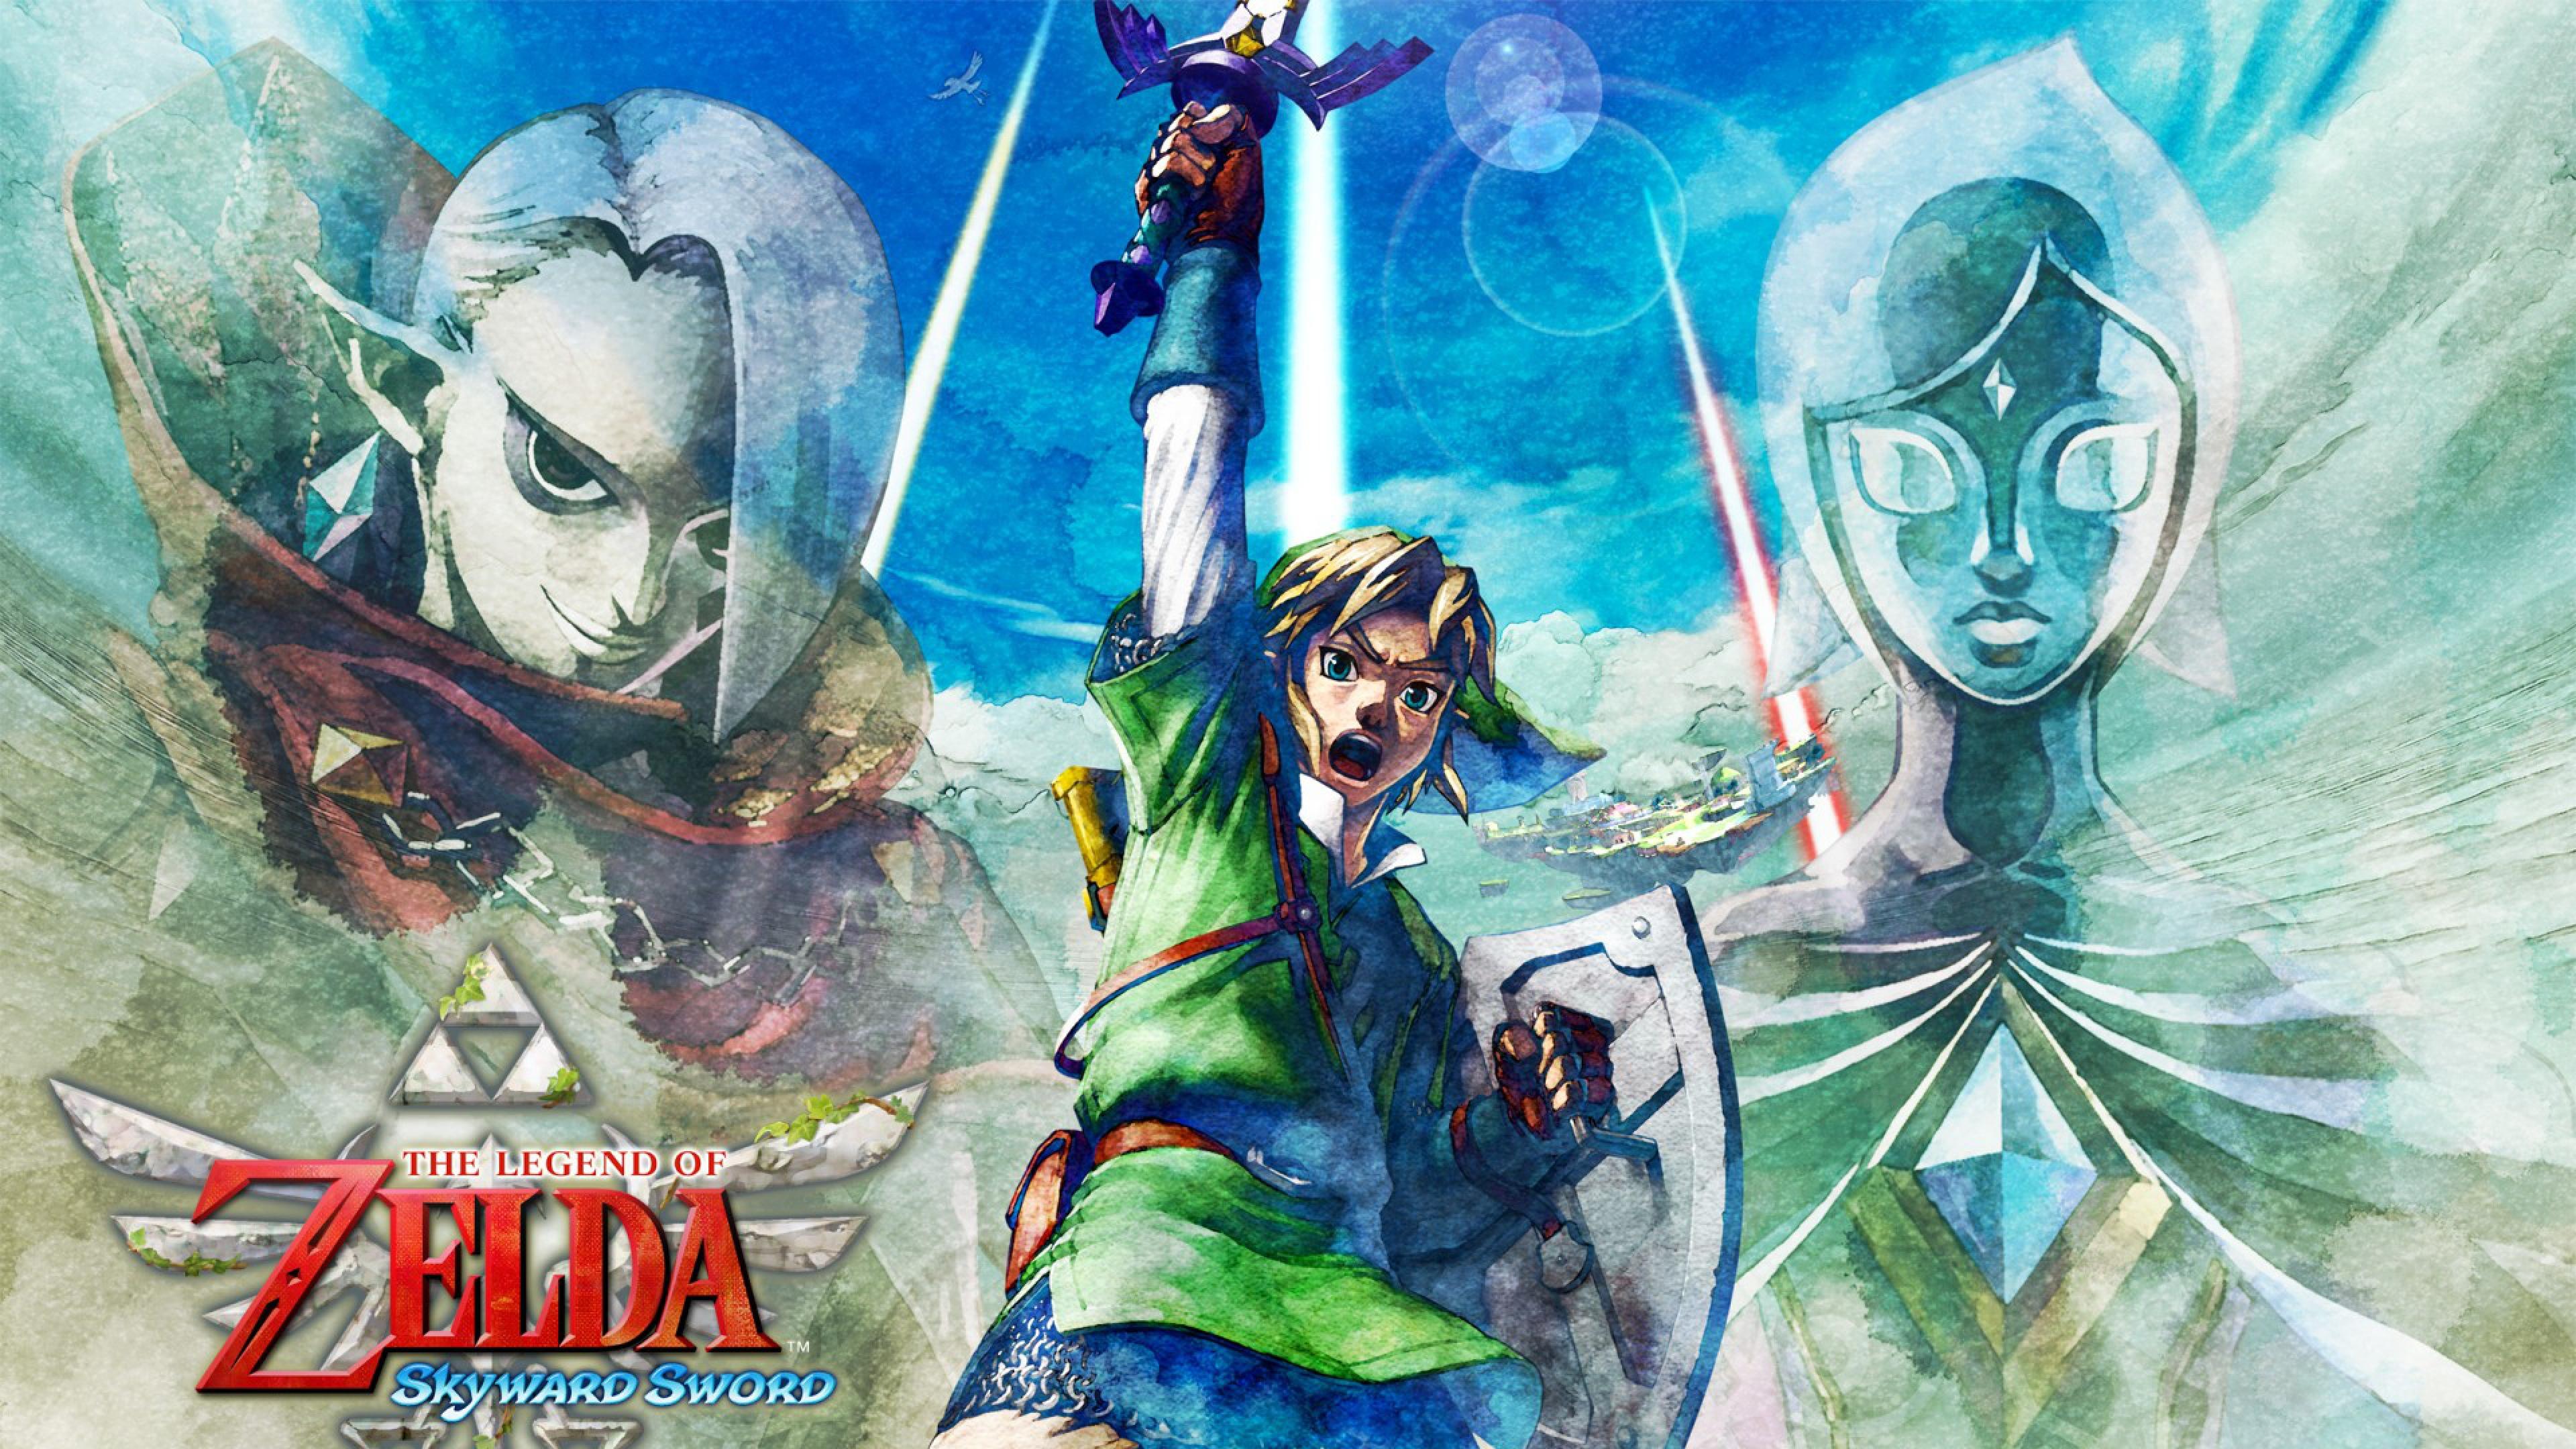 zelda skyward sword Nintendo ead Legend of zelda Ocarina of time 4K 3840x2160